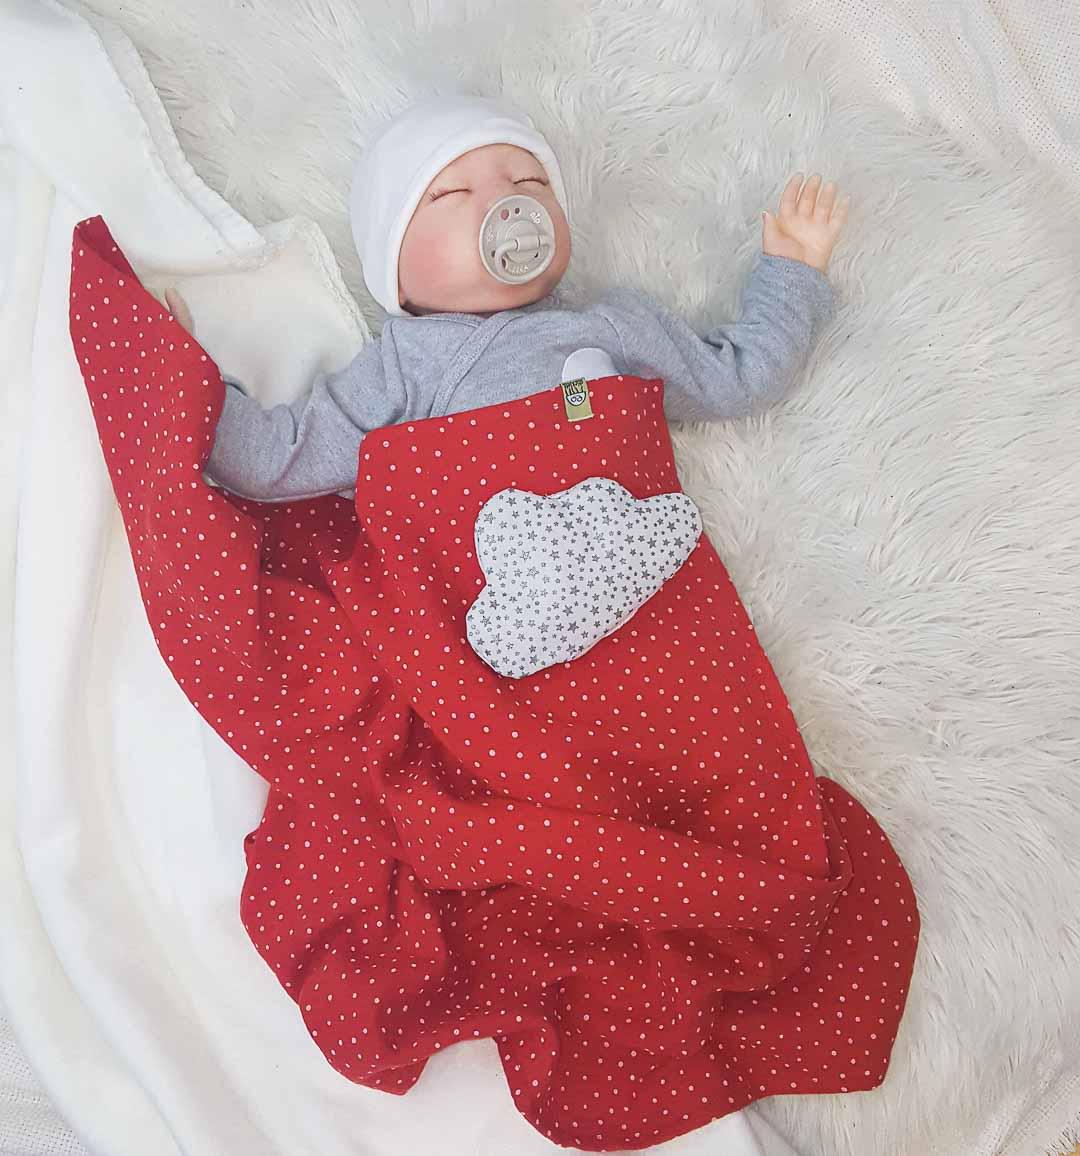 Baby-Outfit bestehend aus Strampler, Wickbody und Wärmekissen